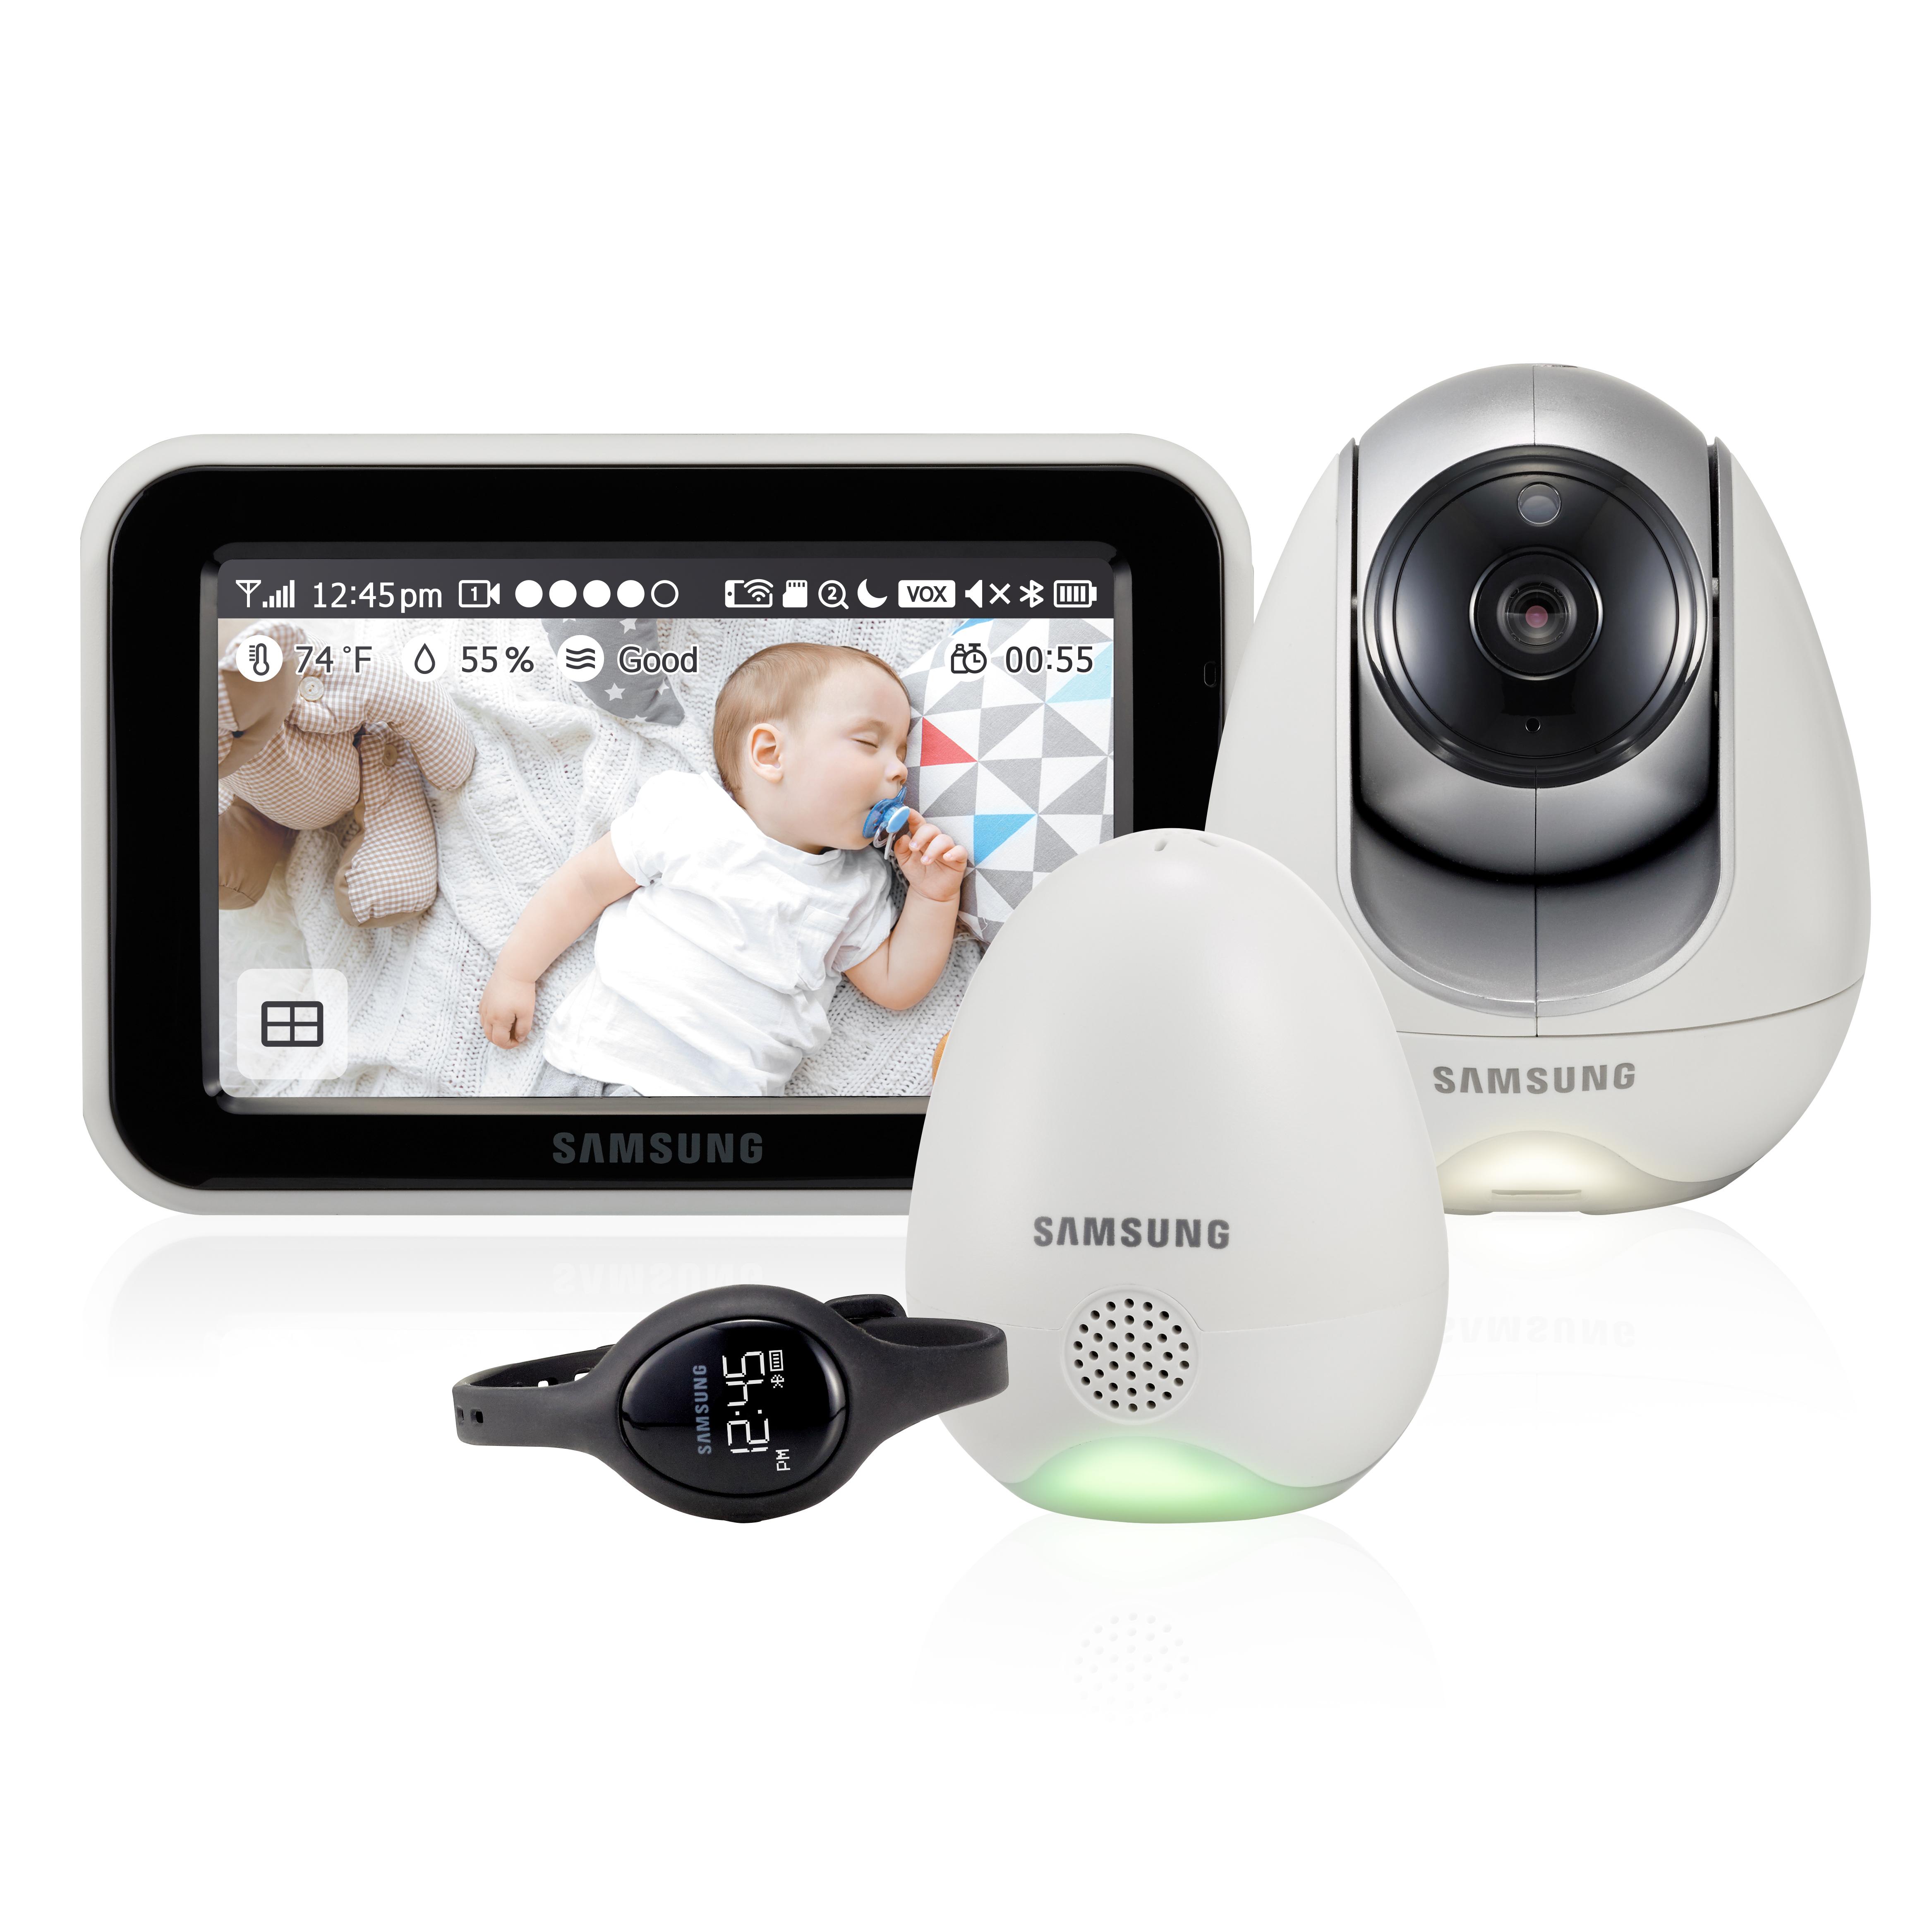 Радио и видеоняни Samsung SEW-3057WP видеоняня samsung samsung видеоняня sew 3043wpx2